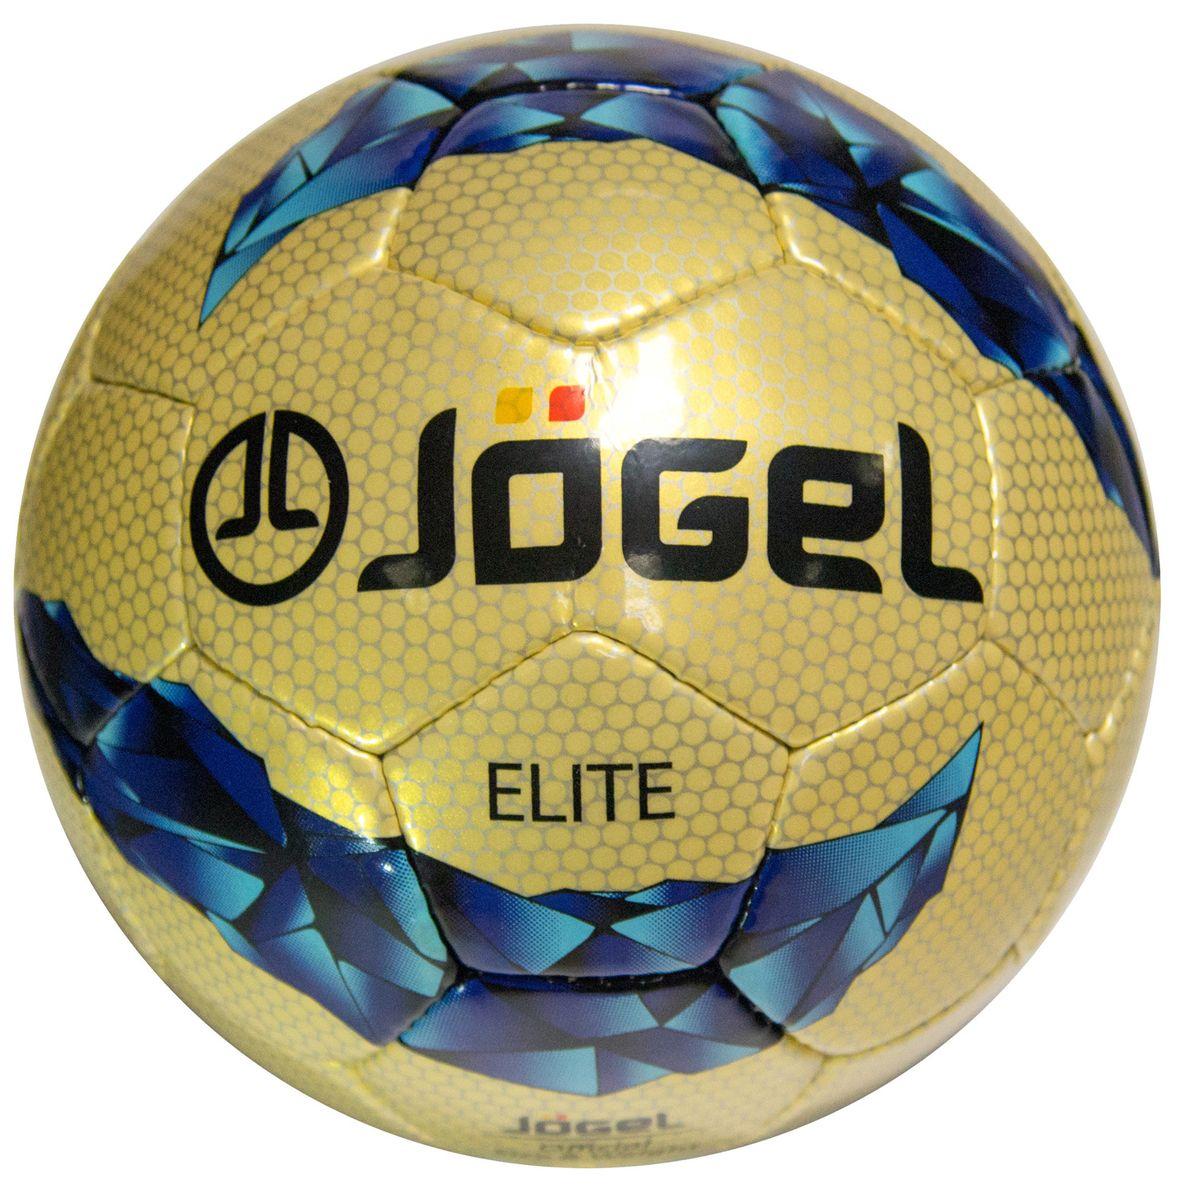 Мяч футбольный Jogel Elite, цвет: золотистый, фиолетовый, голубой. Размер 5. JS-800200170Футбольный мяч JS-800 Elite с прочной покрышкой толщиной 1.5 мм из синтетической кожи, сшитой вручную, имеет отличные техническиехарактеристики, соответствующие требованиям тренировочного процесса. В нем предусмотрено четыре подкладочных слоя из смеси хлопка сполиэстером. Камера из латекса хорошо держит давление.Мяч футбольный JS-800 Elite станет отличным выбором для тренировок и проведения любительских матчей. Вес: 410-450 гр. Длина окружности: 68-70 см. Рекомендованные покрытия: натуральный газон, синтетическая трава.Рекомендованное давление: 0.6-0.8 бар. УВАЖАЕМЫЕ КЛИЕНТЫ! Обращаем ваше внимание на тот факт, что мяч поставляется в сдутом виде. Насос в комплект не входит.